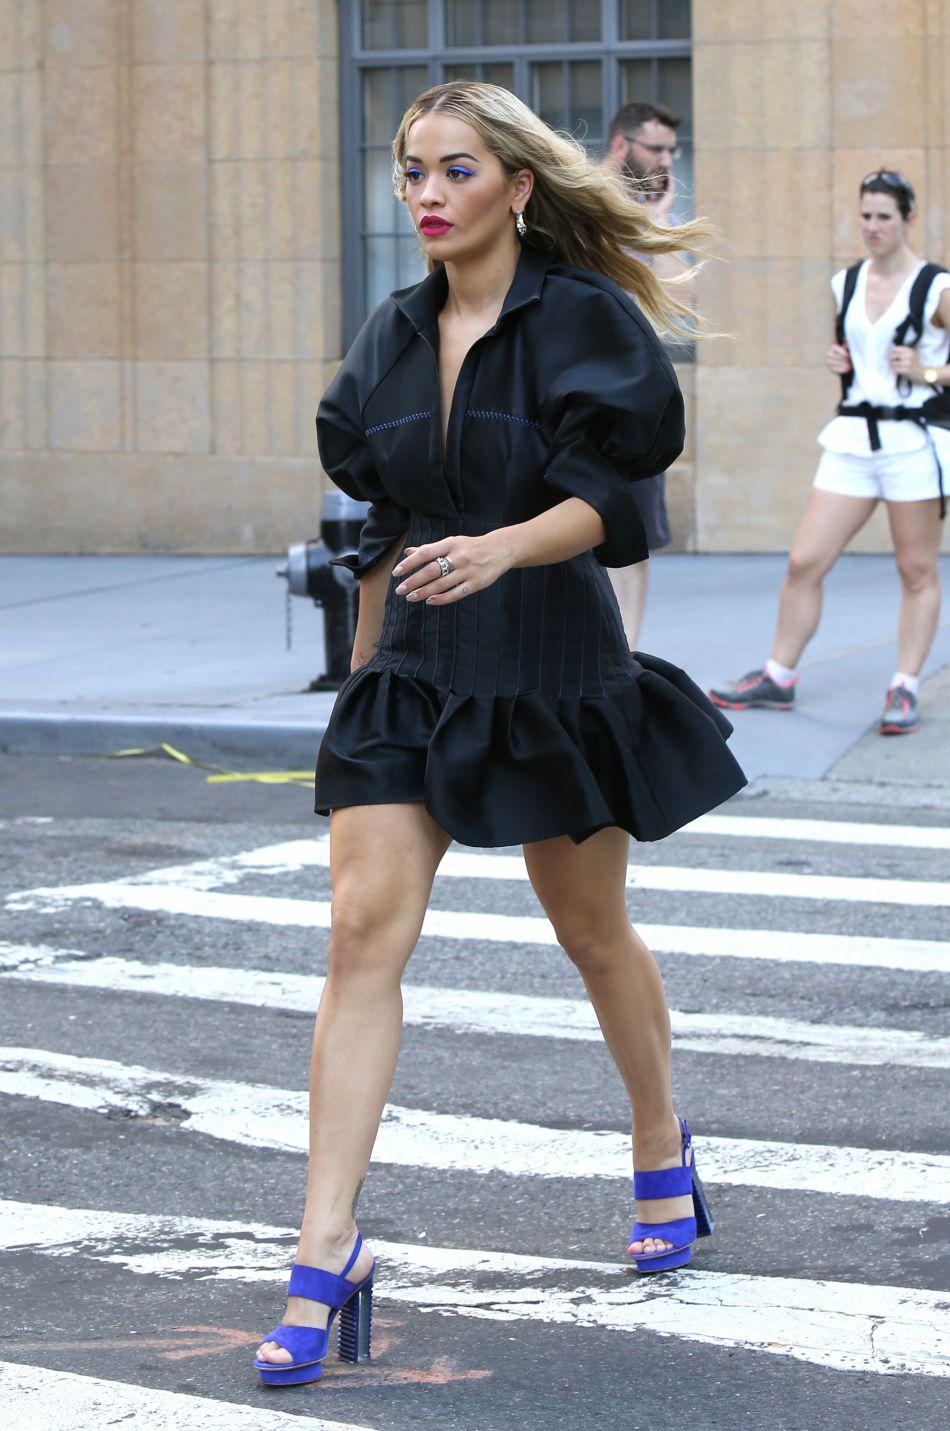 Fashionista, la jeune femme a tout donné côté style pour le premier jour de tournage.